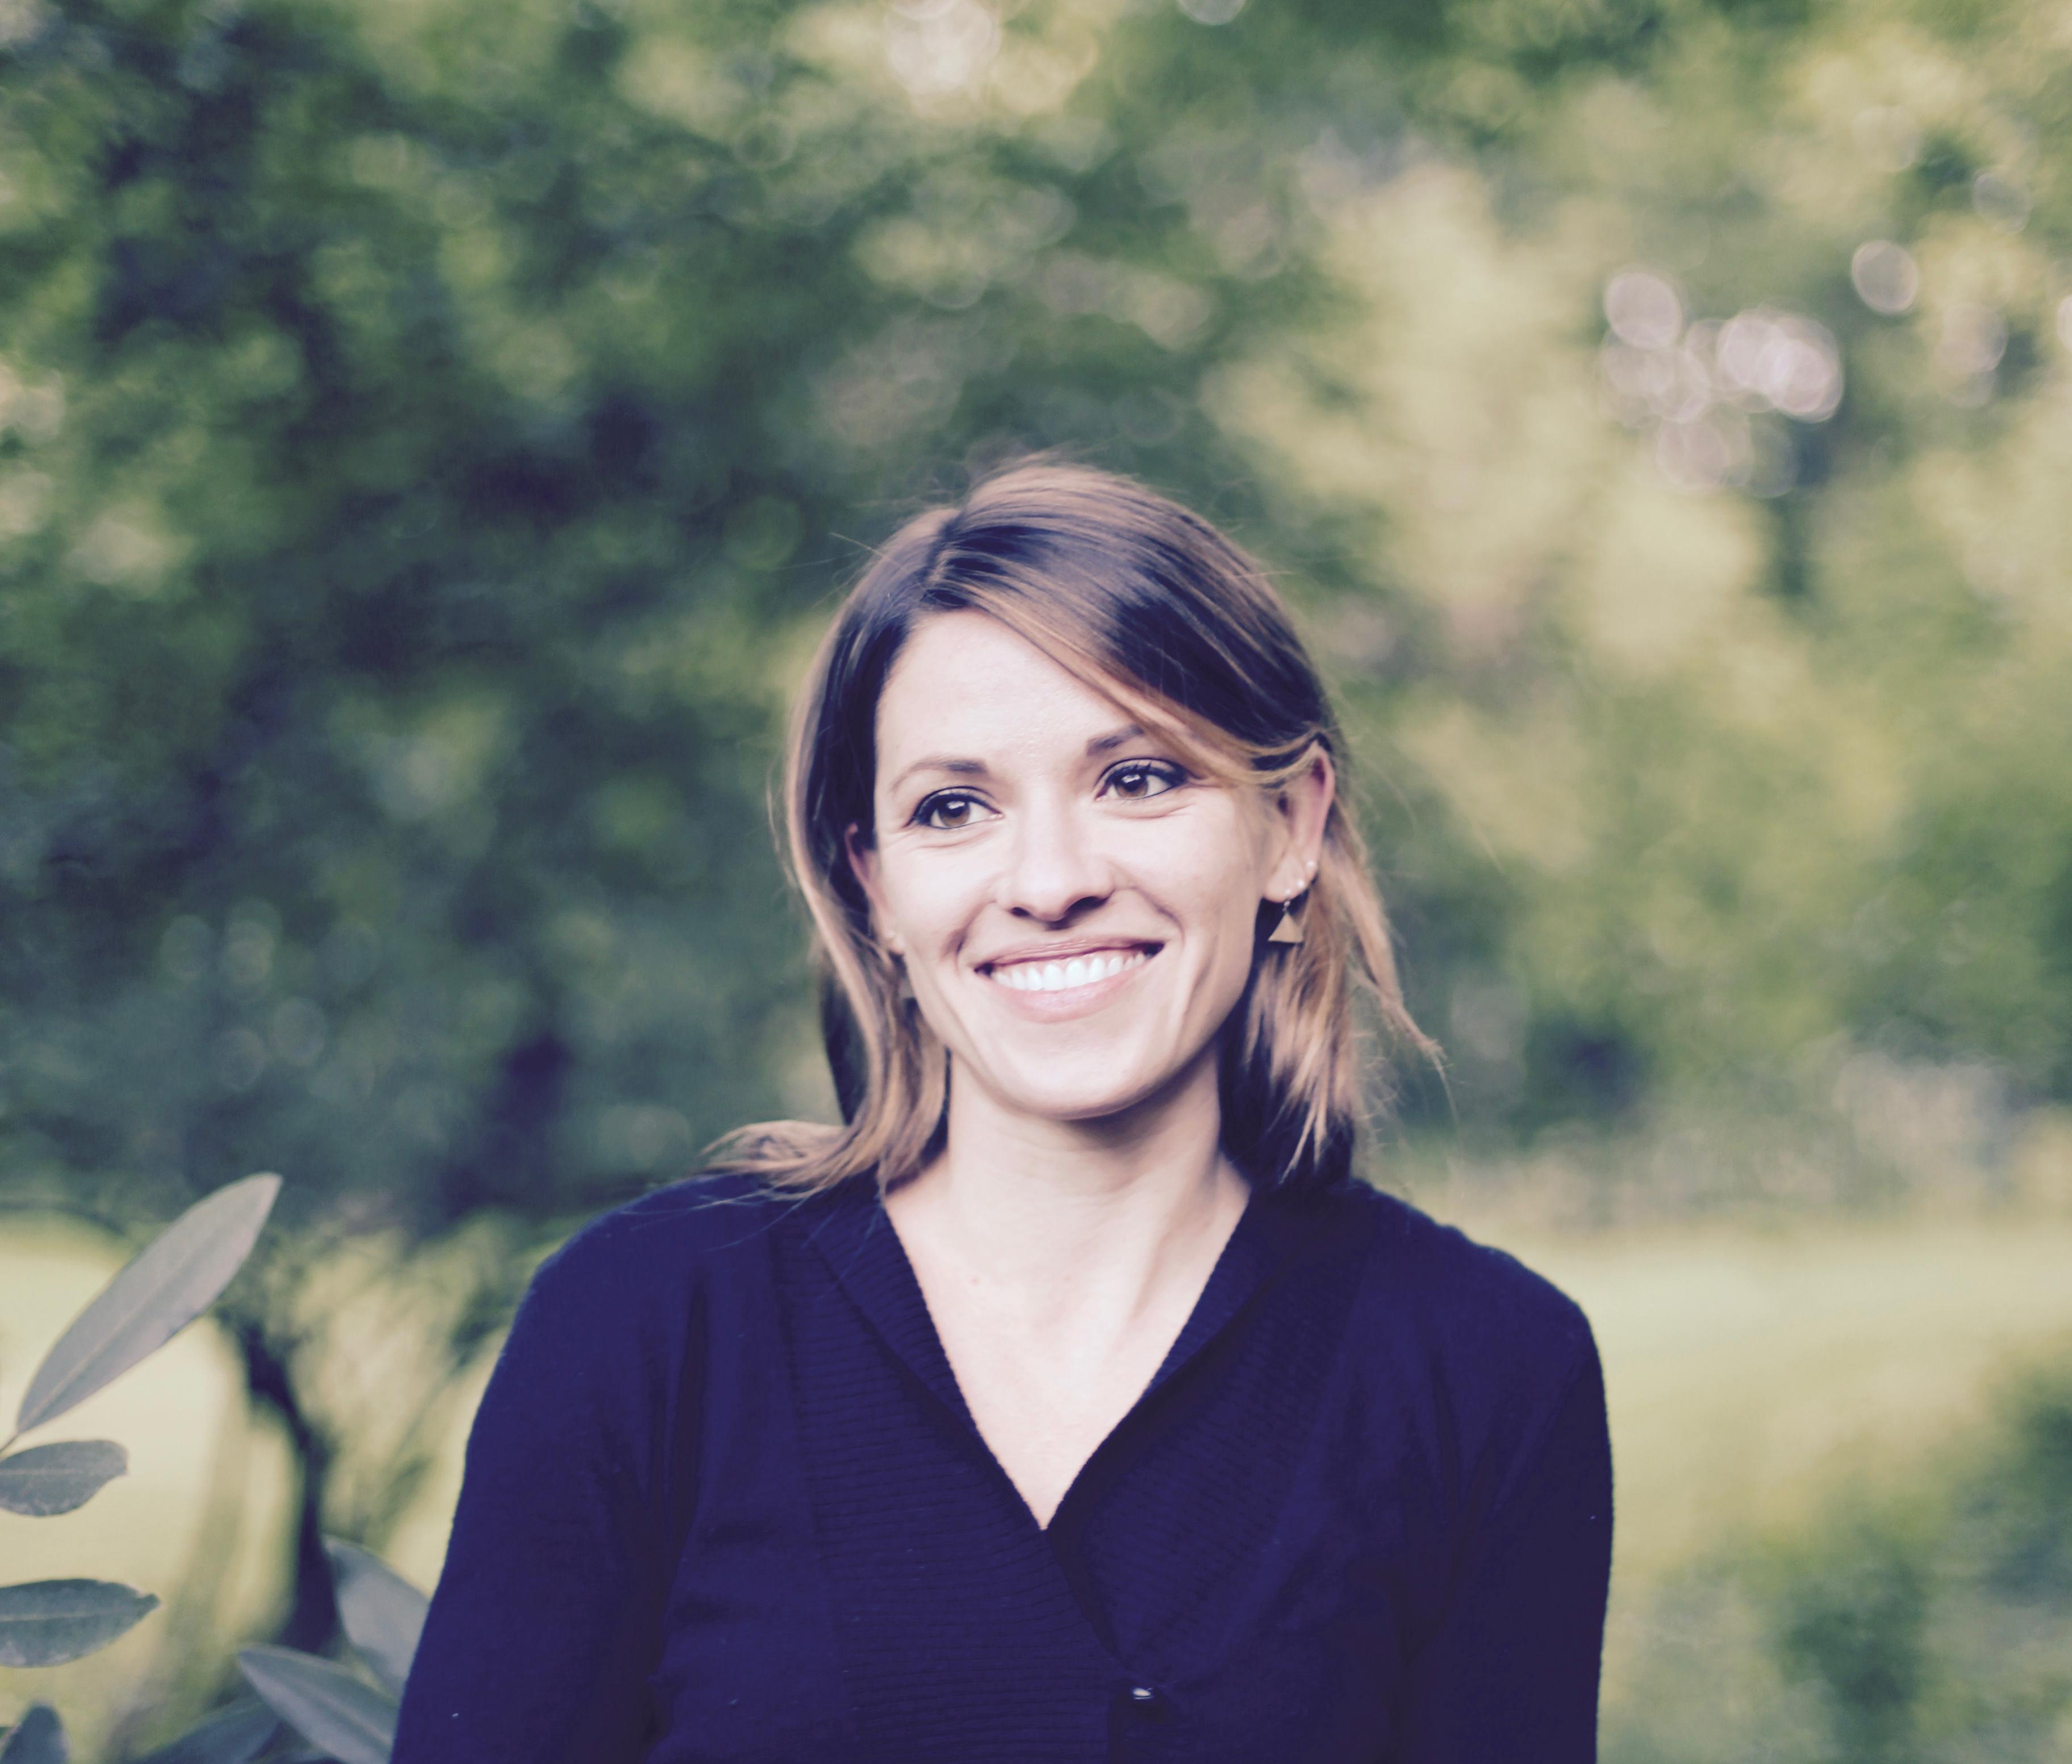 Leah Osowski